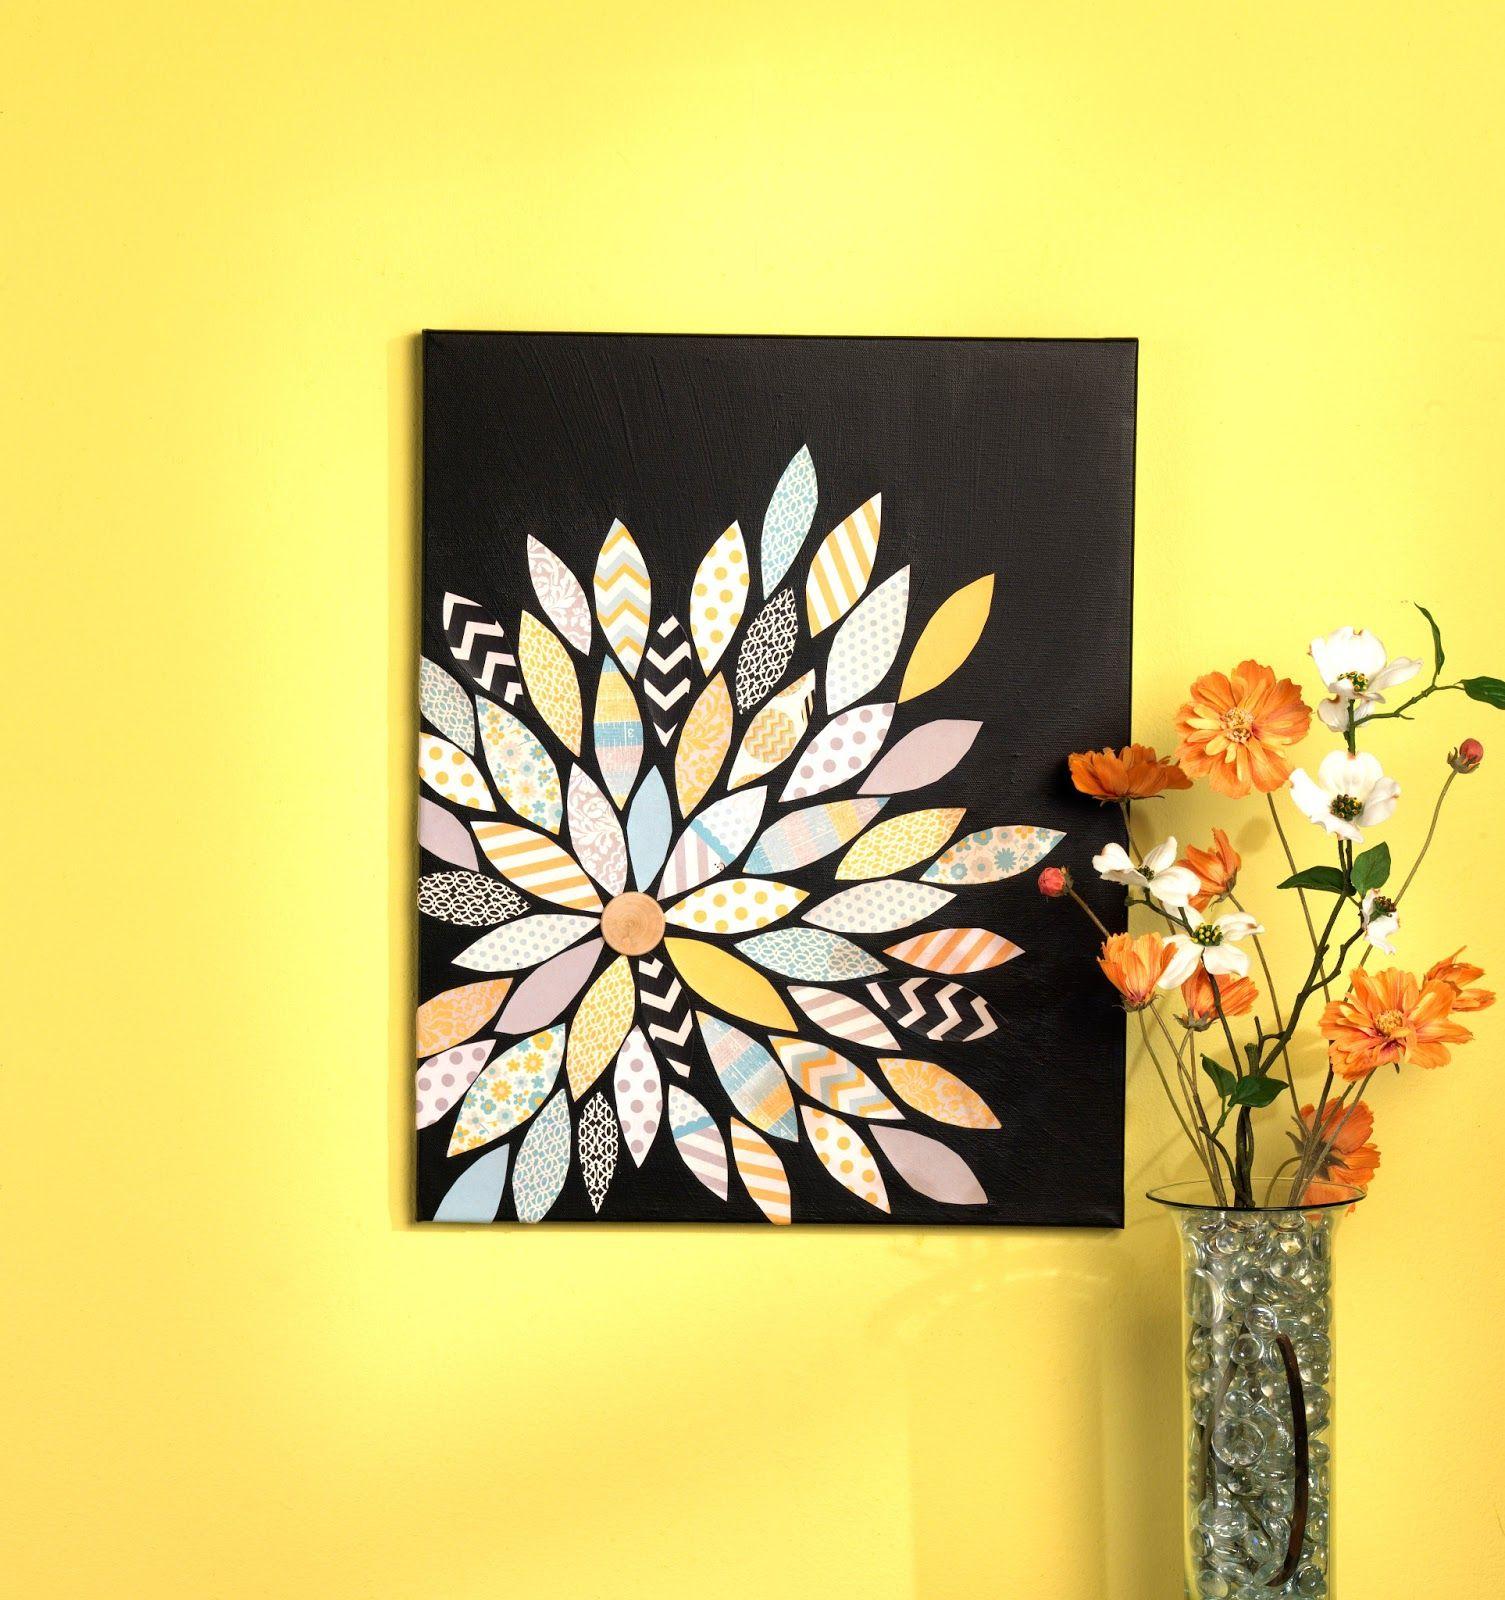 Scrapbook Paper Pieced Flower DIY Canvas Art | Crafts | Pinterest ...